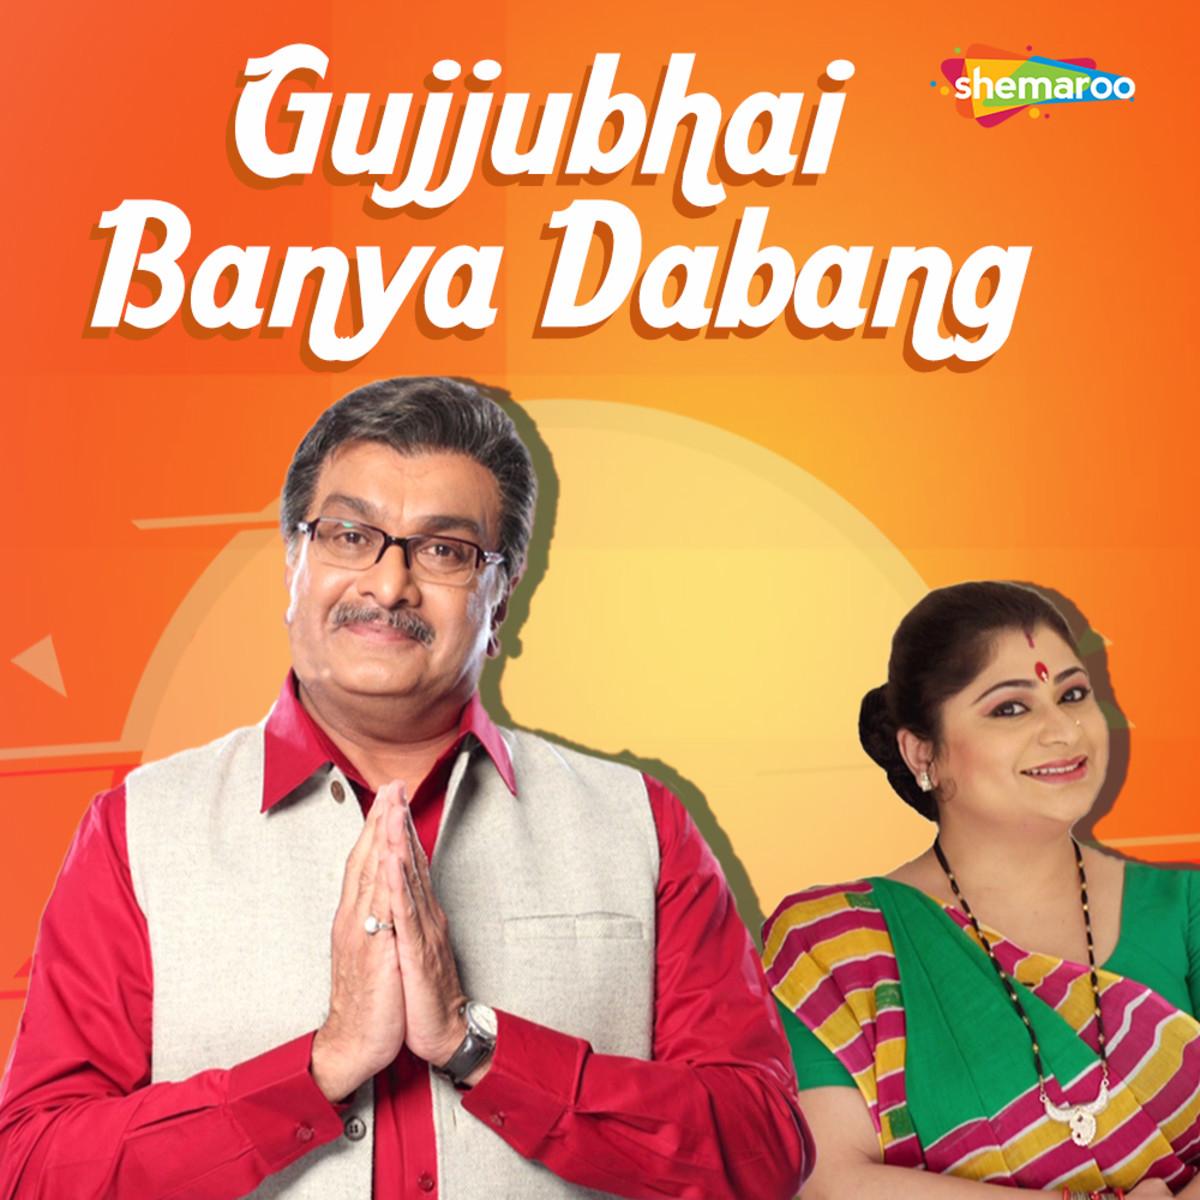 Gujjubhai Banya Dabang Image